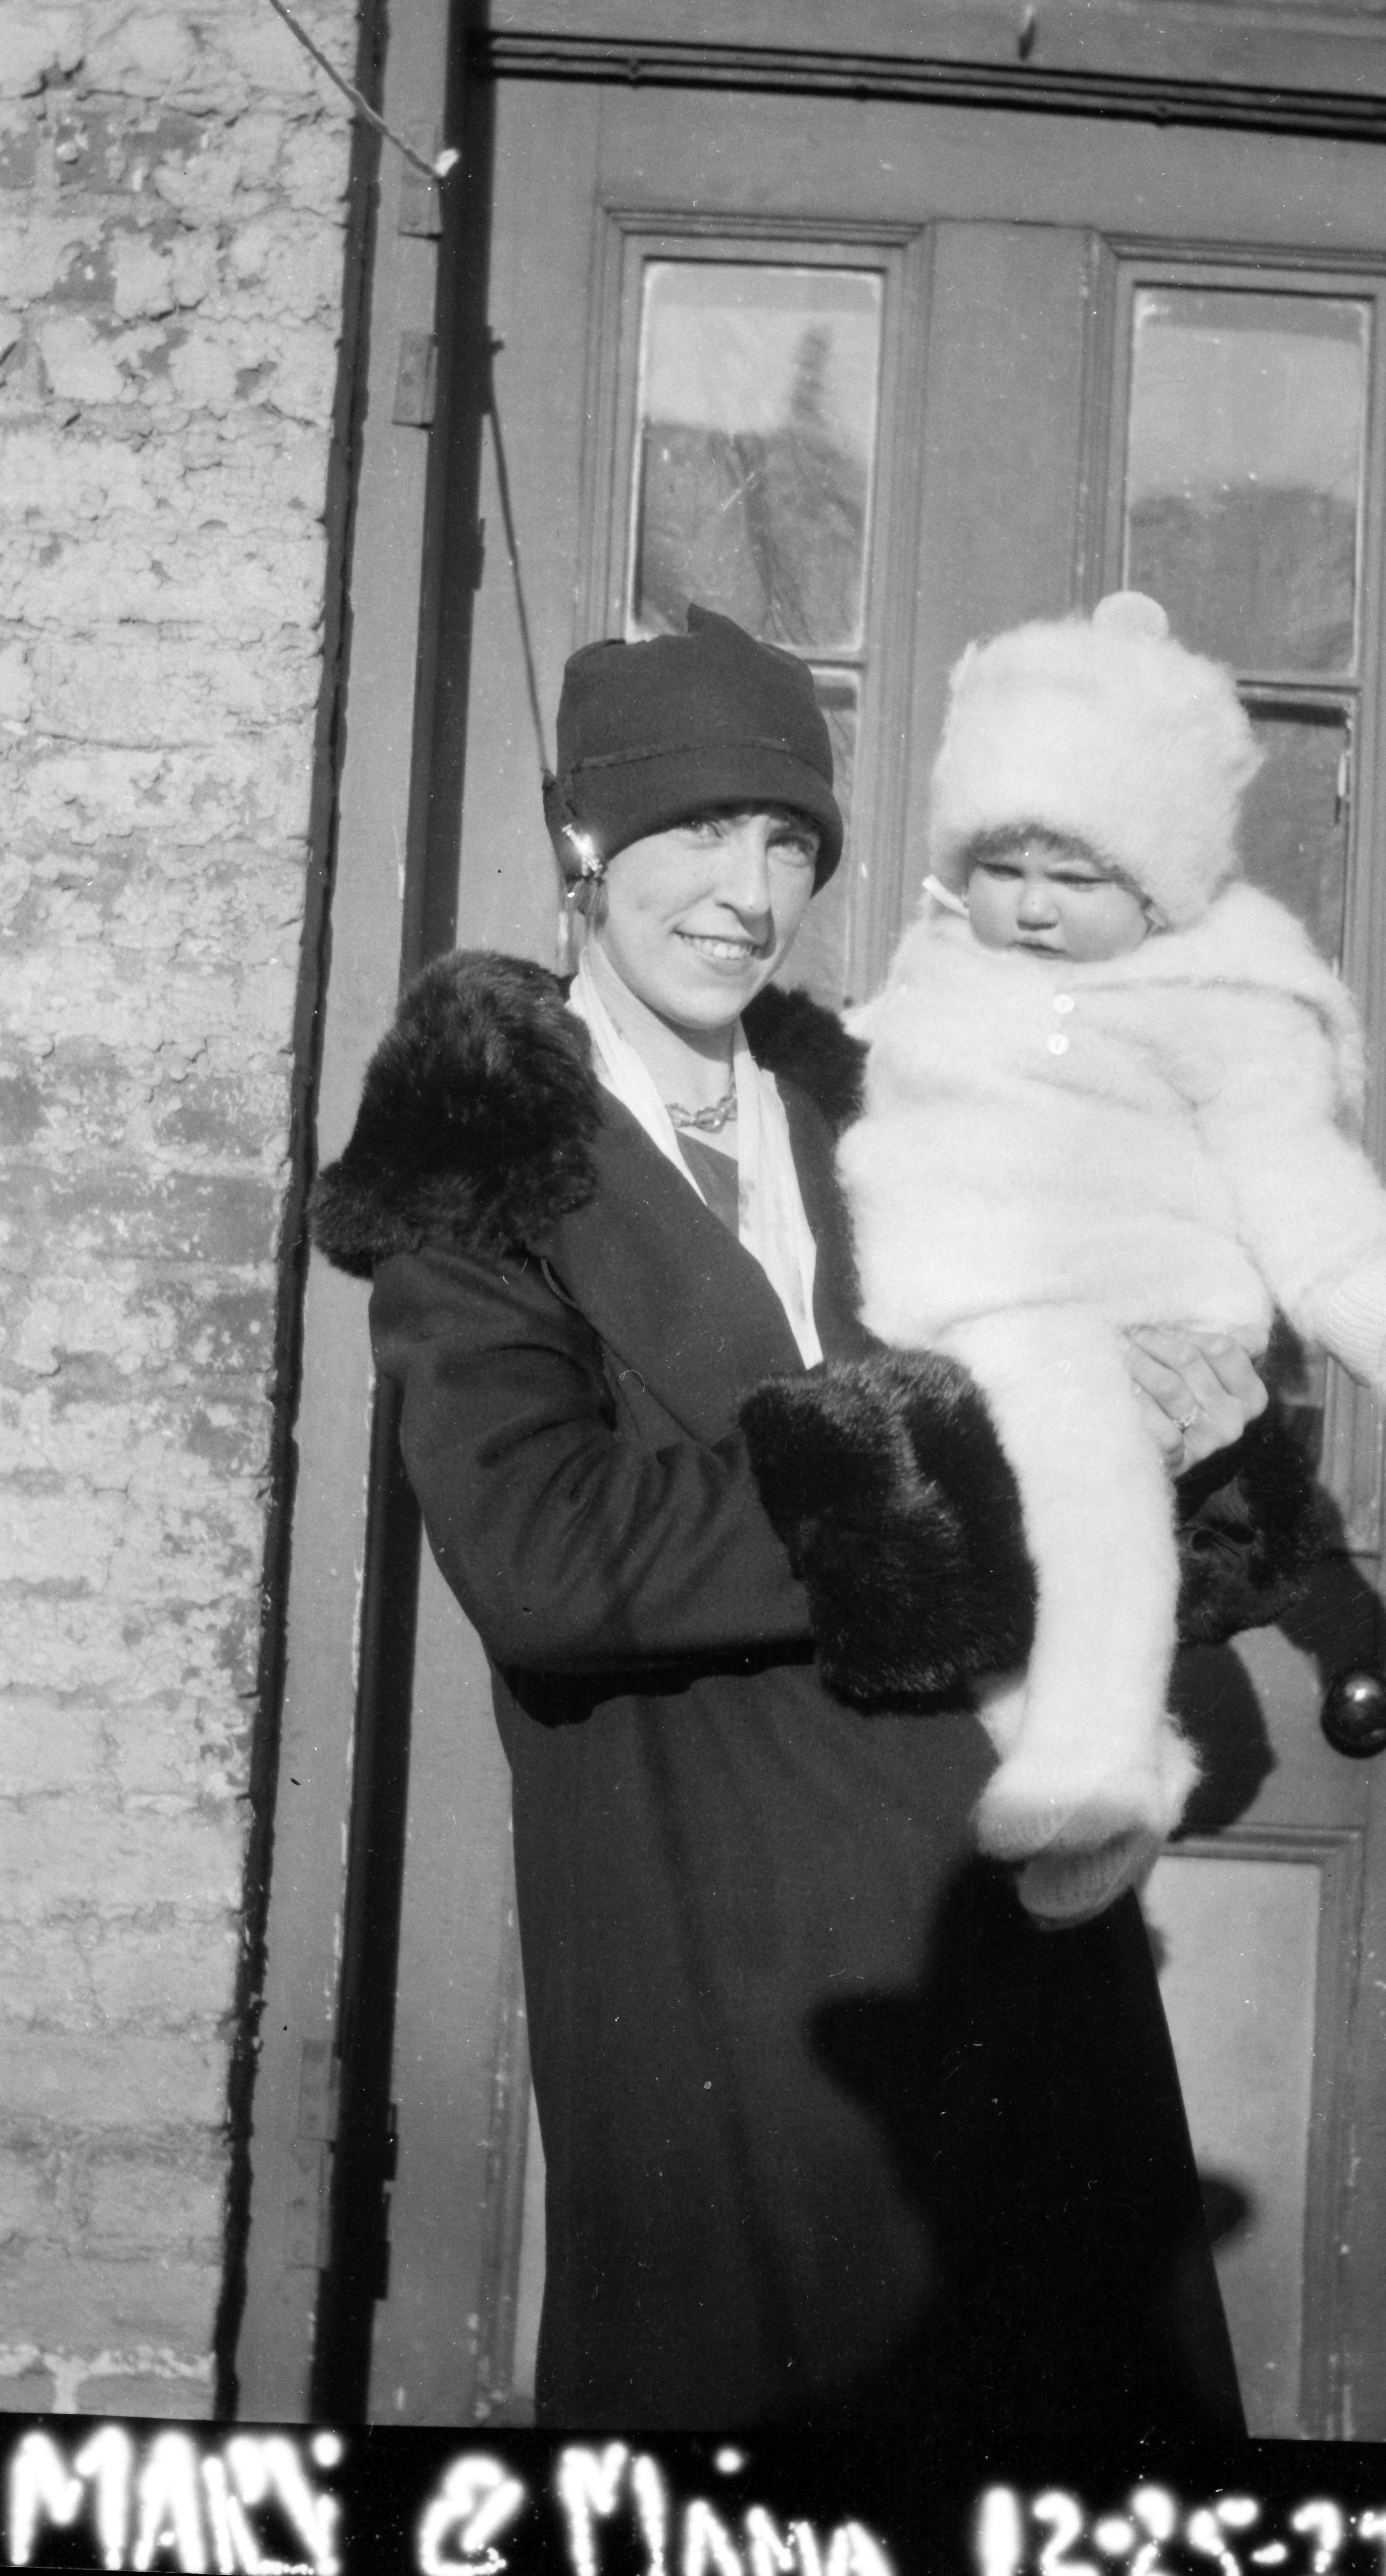 Mary_and_Mama_12-25-1927